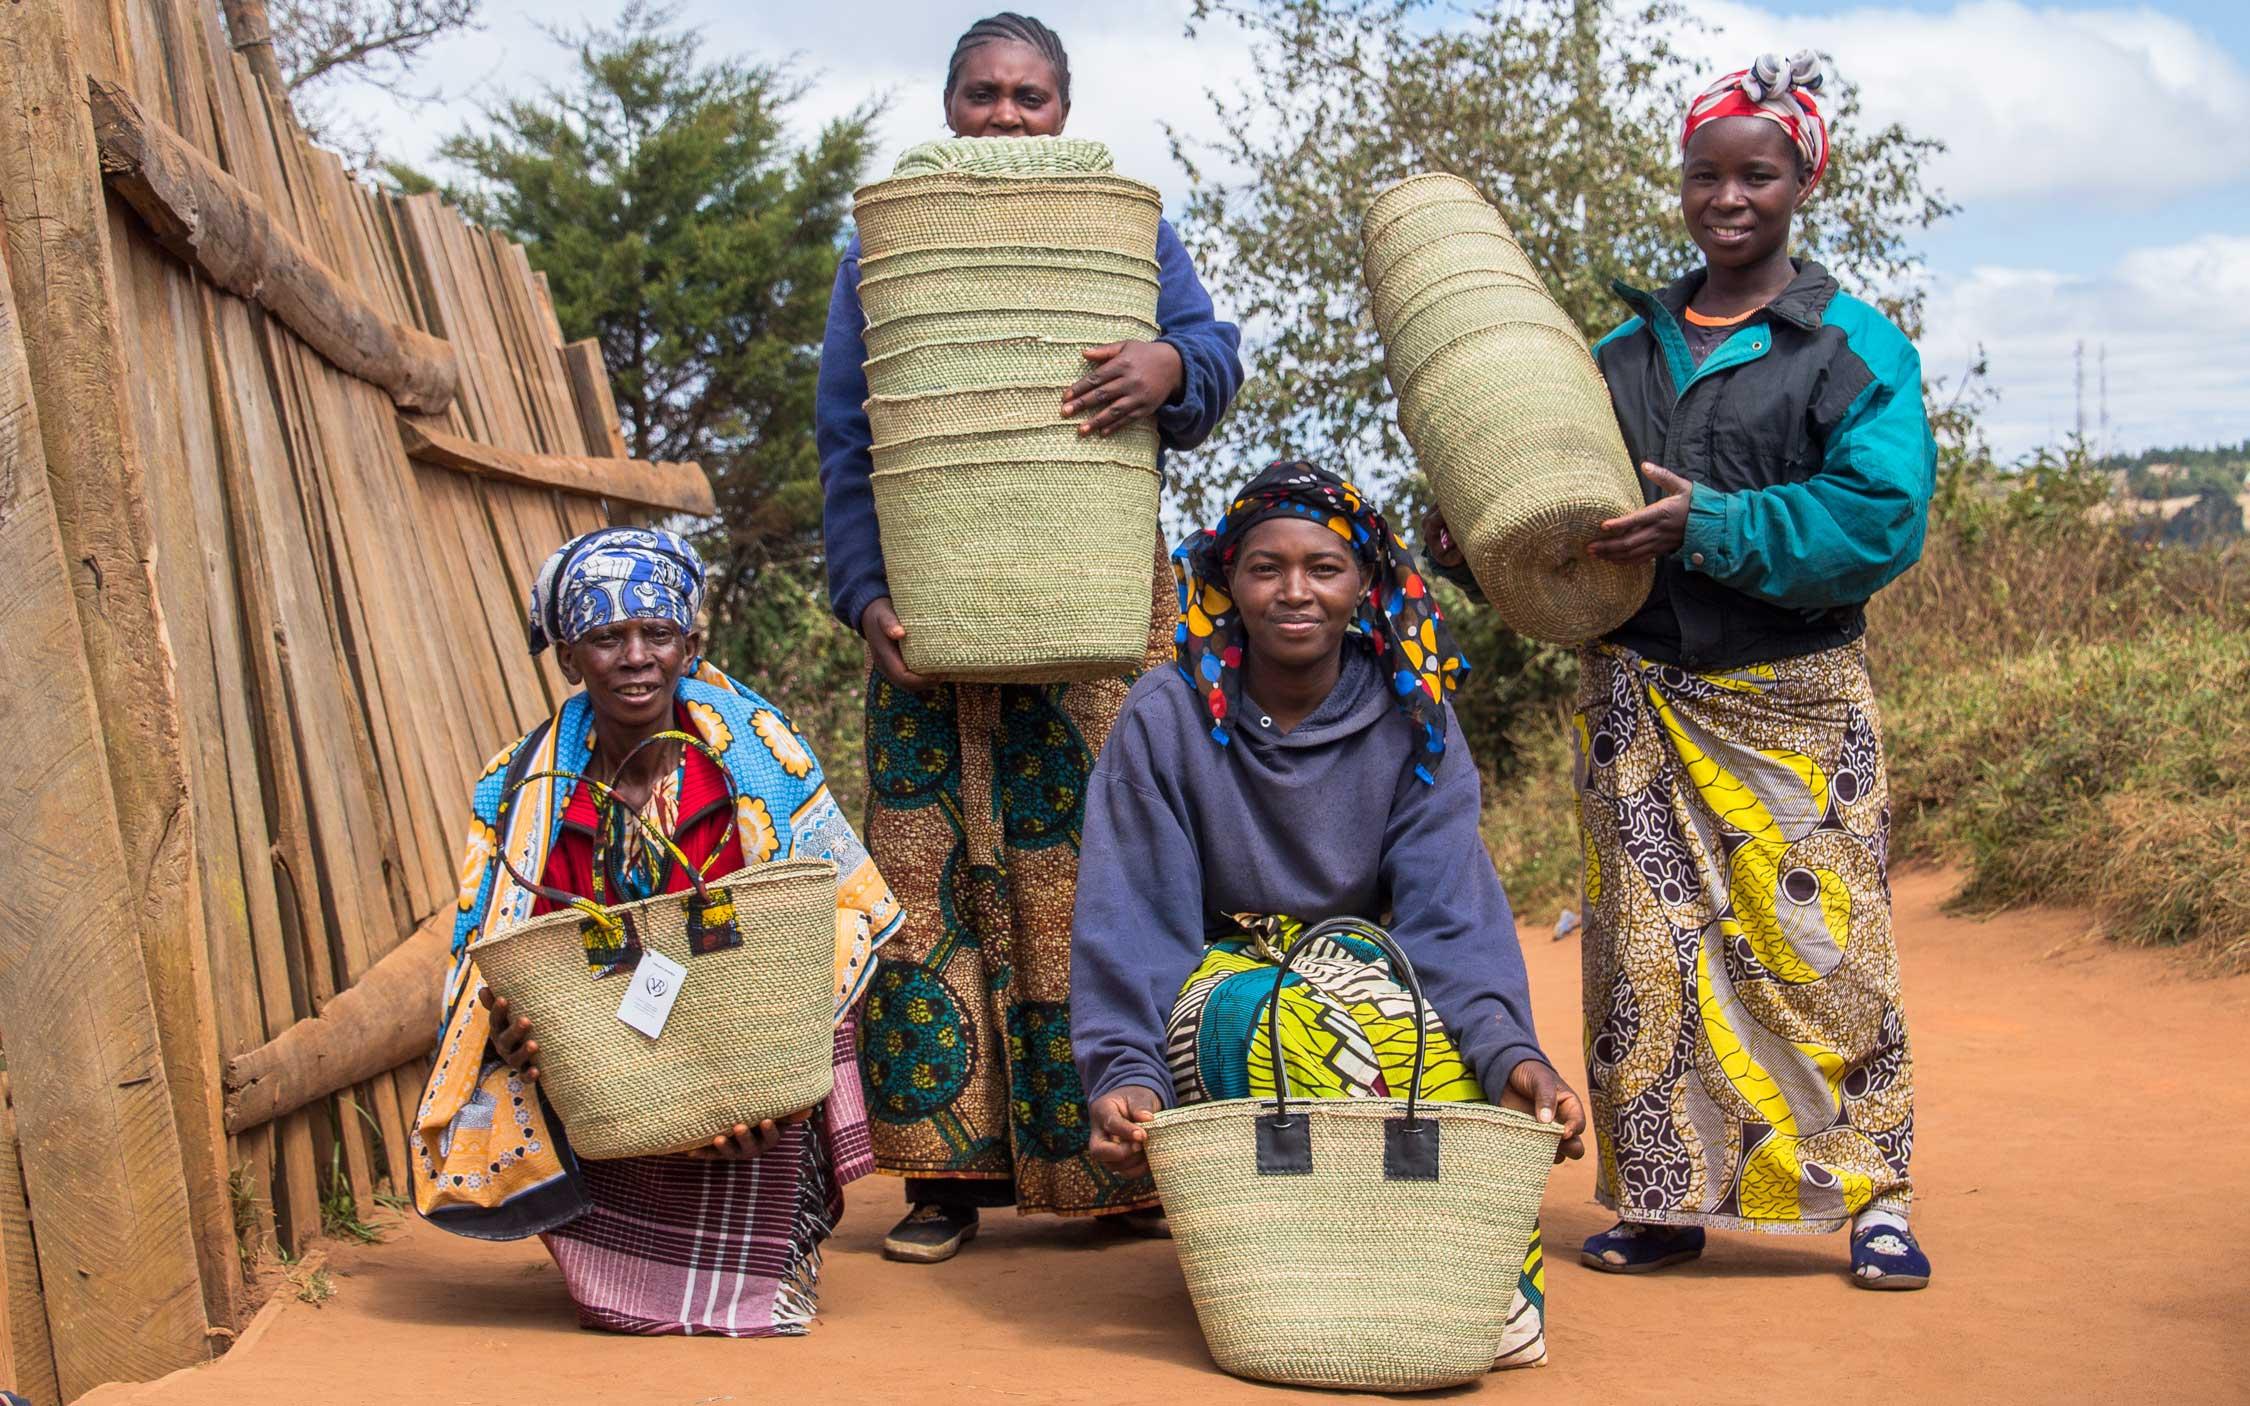 Vikapu Bomba artisans